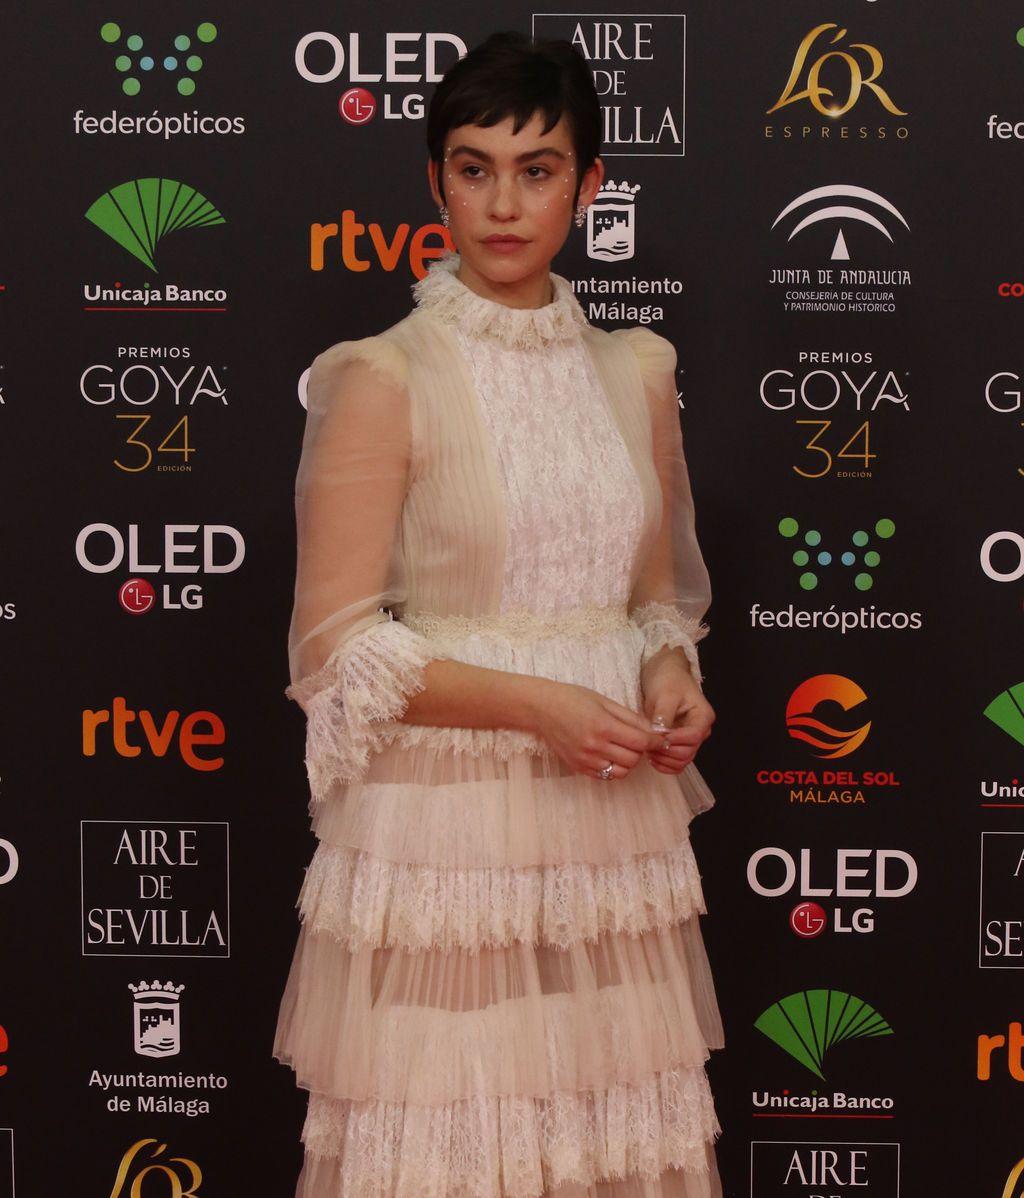 EuropaPress_2612483_Greta_Fernández__posa_en_la_alfombra_roja_de_la_XXXIV_edición_de_los_Premios_Goya_en_Málaga_(Andalucía_España)_a_25_de_enero_de_2020